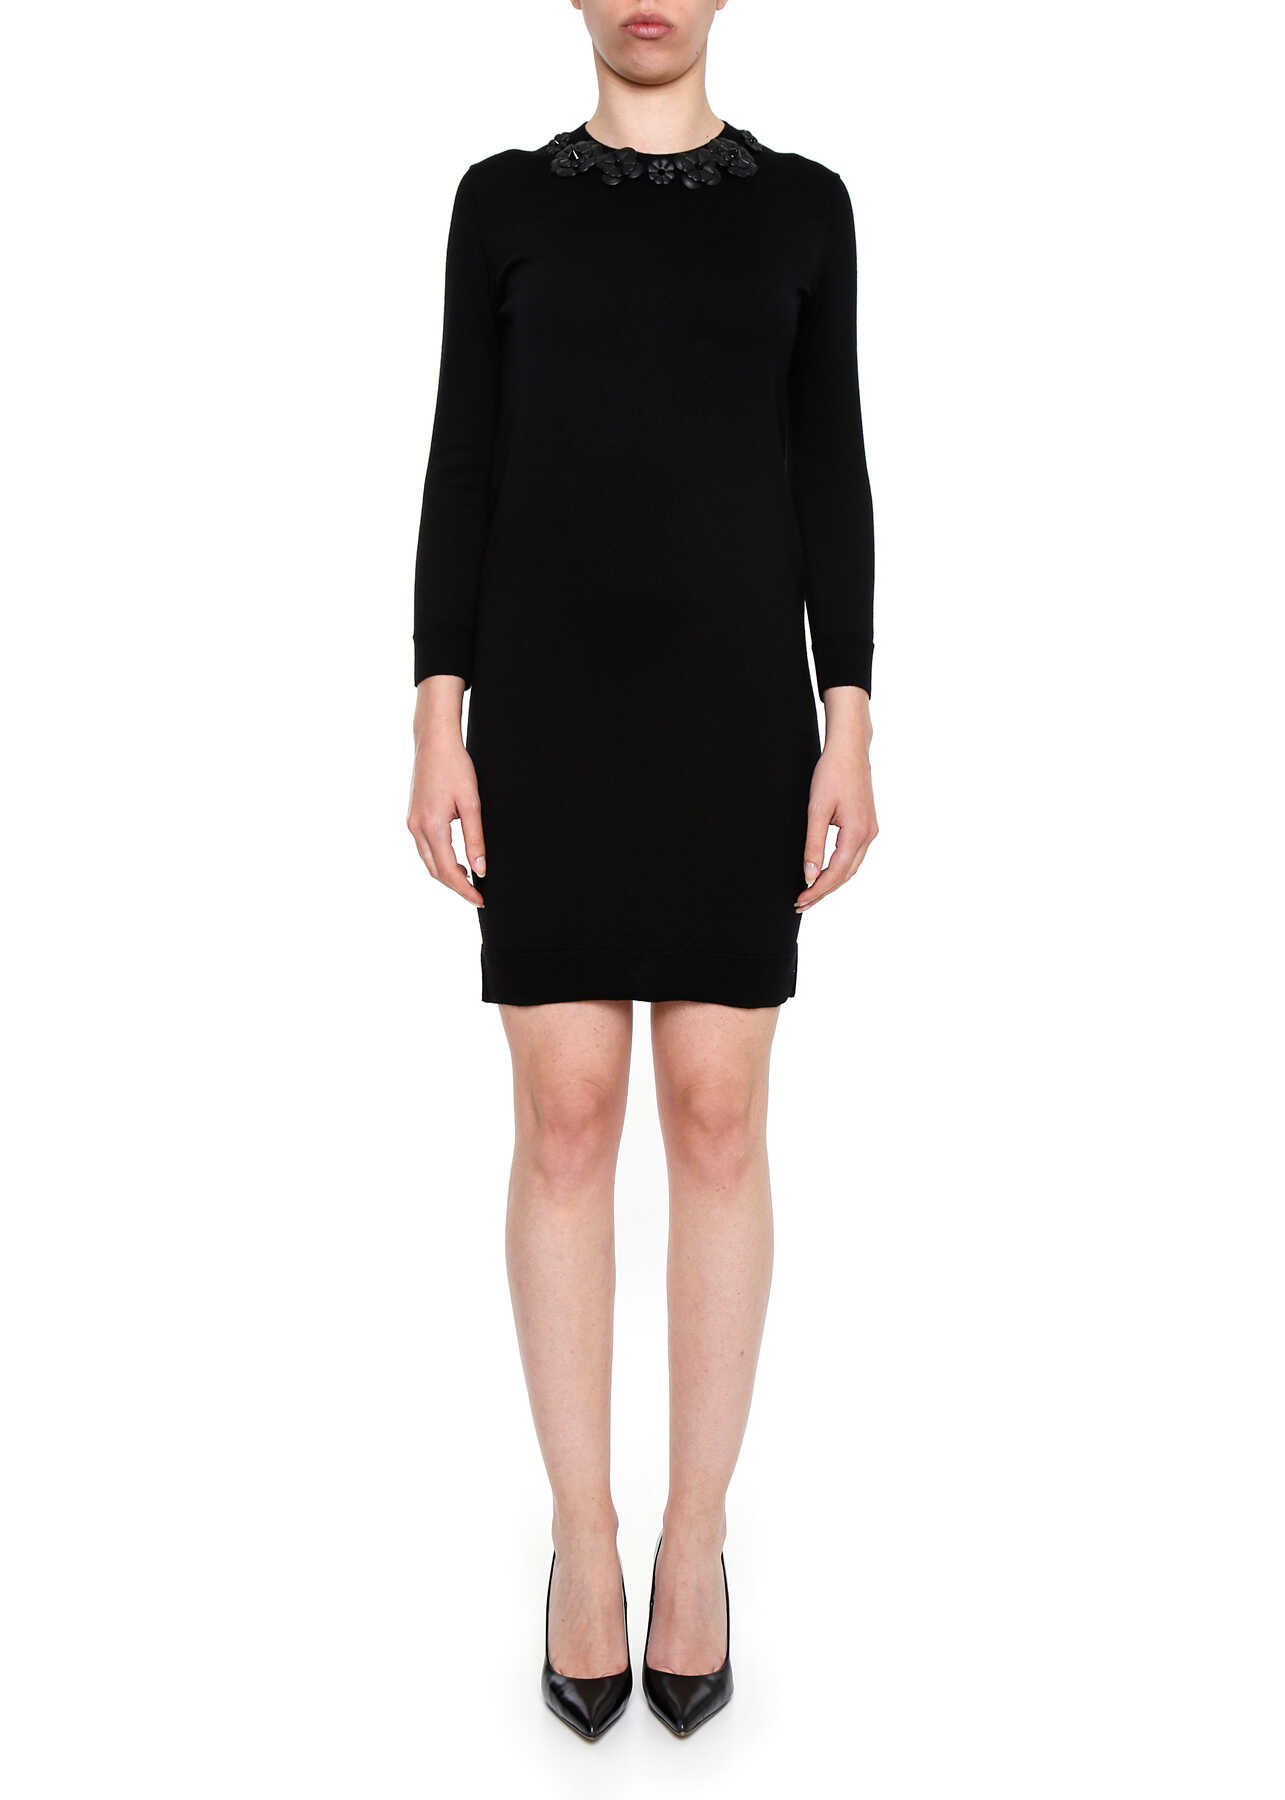 Fendi Knit Dress BLACK